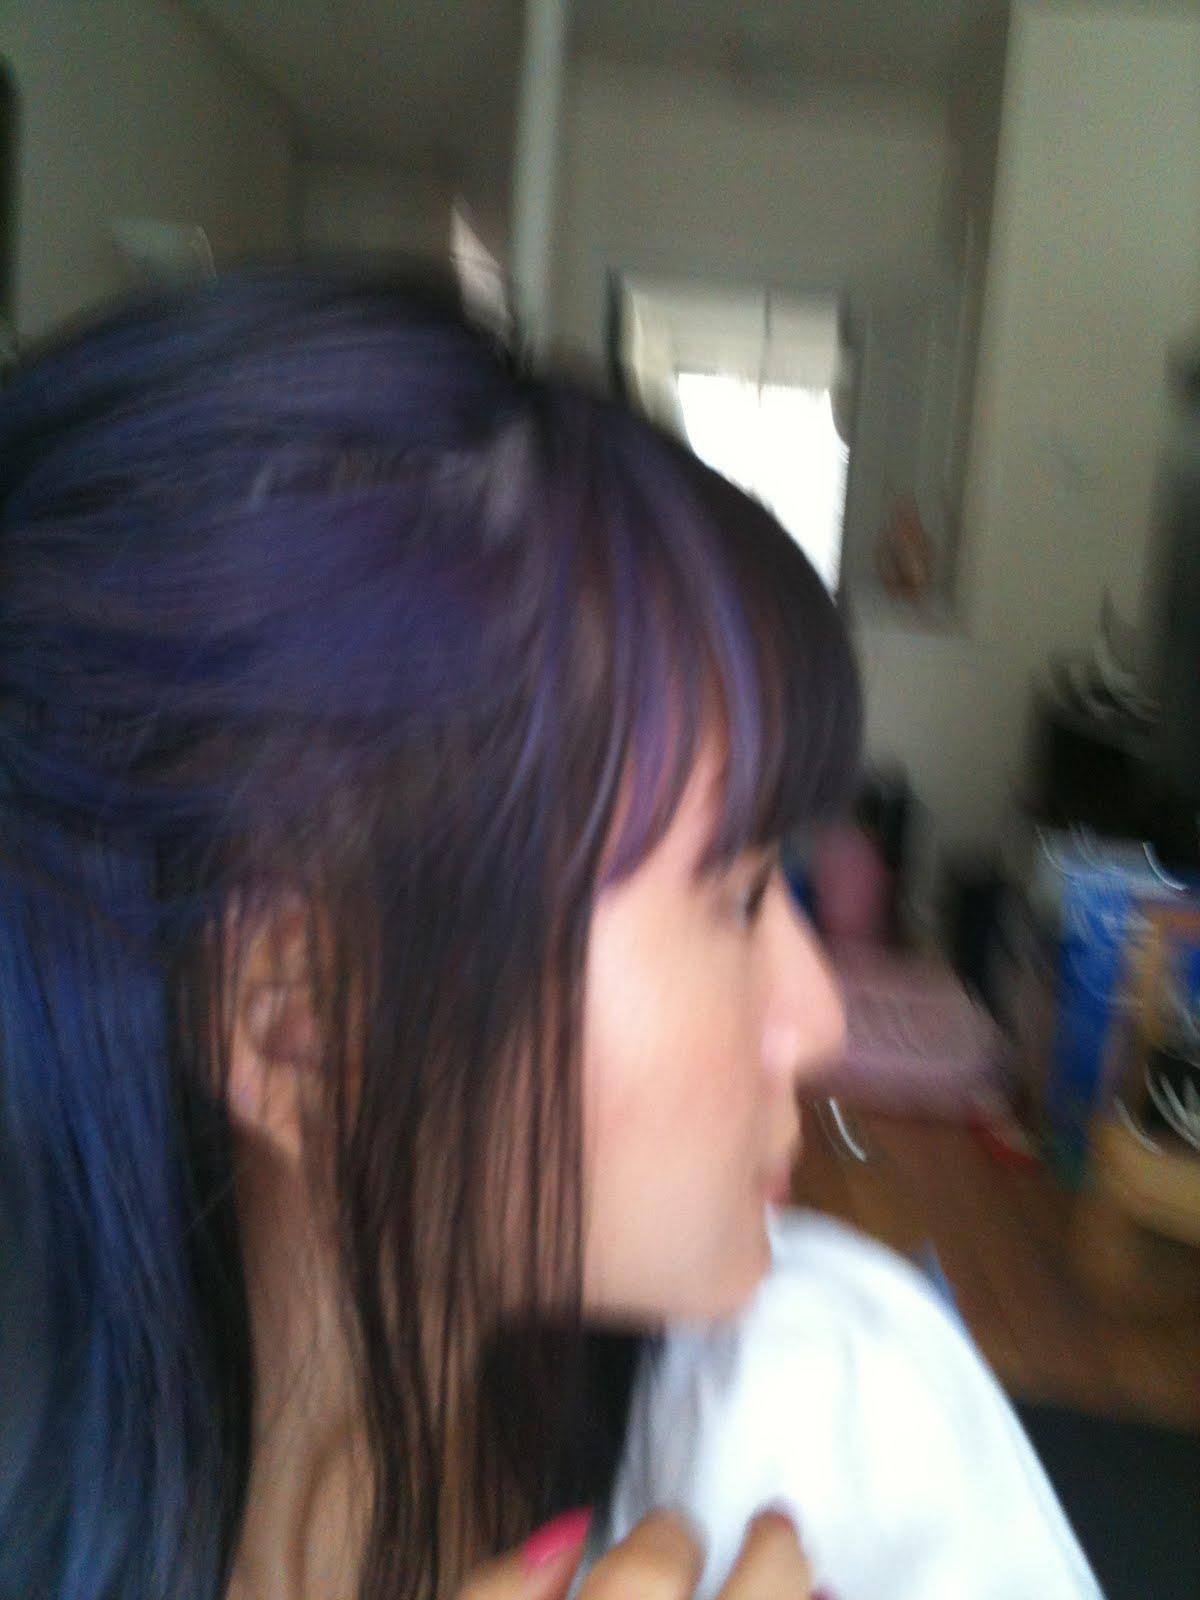 http://1.bp.blogspot.com/_aFQPrKuo6fc/TFy3yyoPhQI/AAAAAAAANdI/WJI6bgBlRko/s1600/iphone+pics+july+27+2010+002.JPG